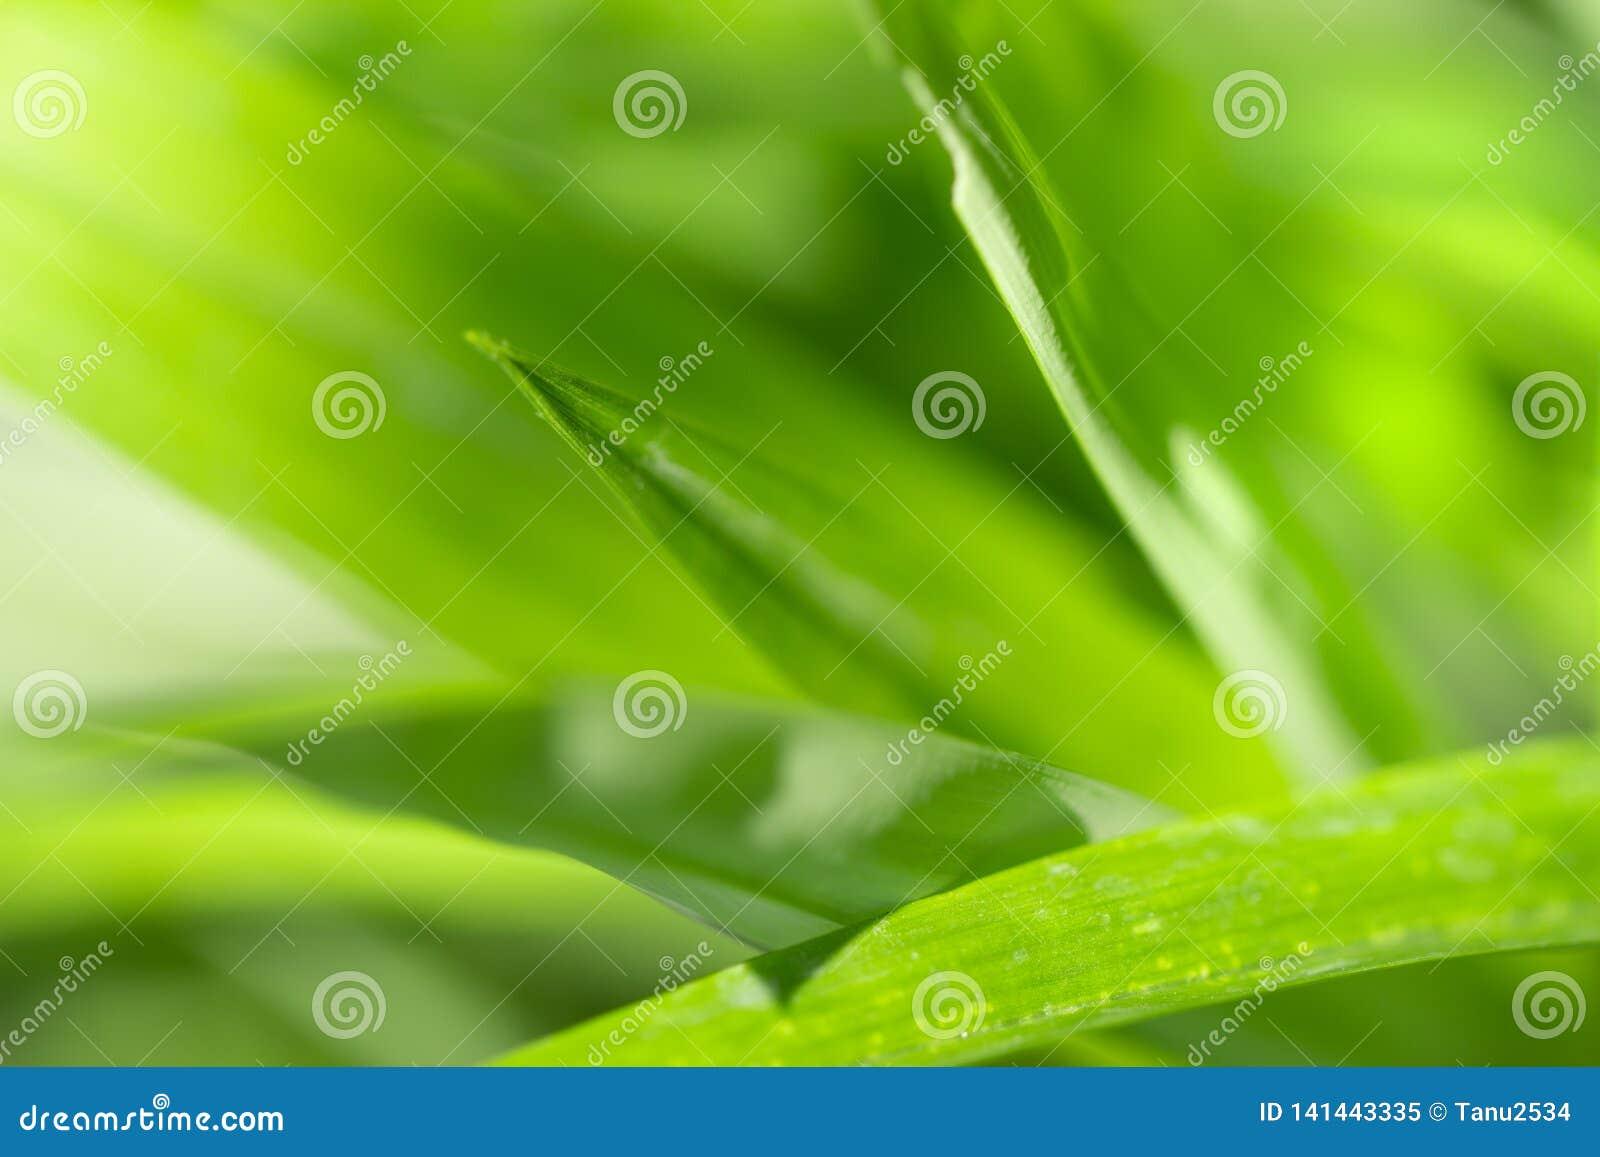 Zamyka w górę natura widoku zielony liść